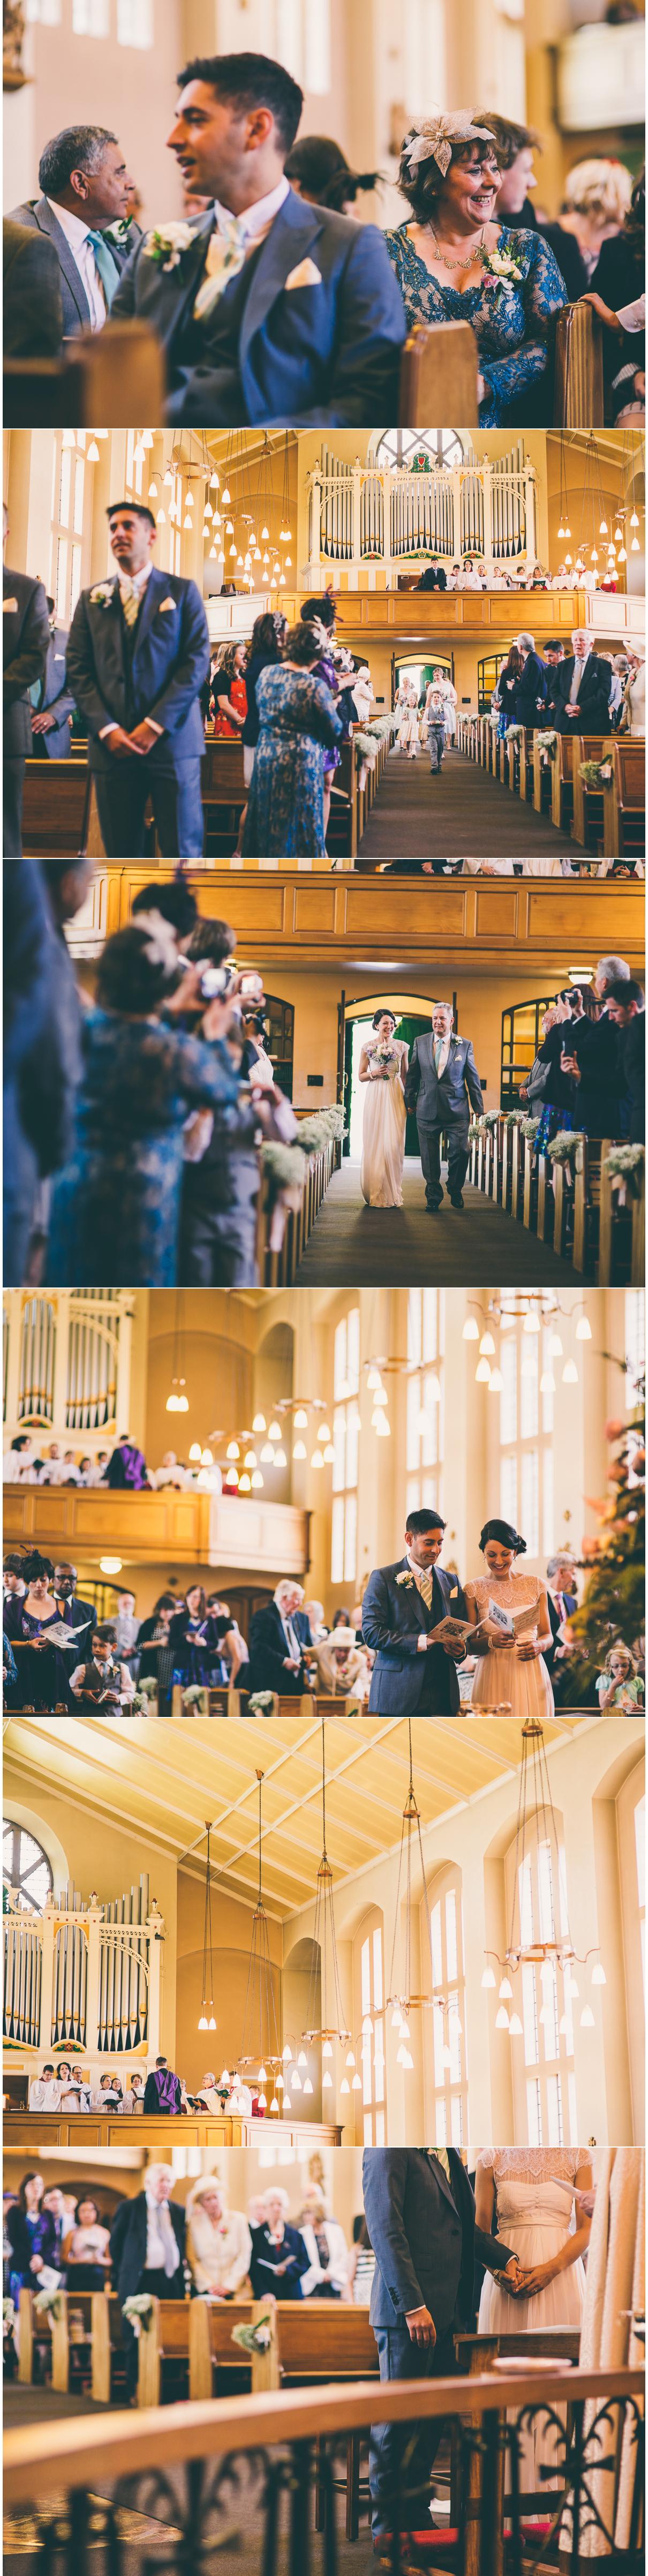 Helmsley Wedding Photography York Wedding Photographer Scarborough Wedding Photographer Yorkshire Wedding Photographer